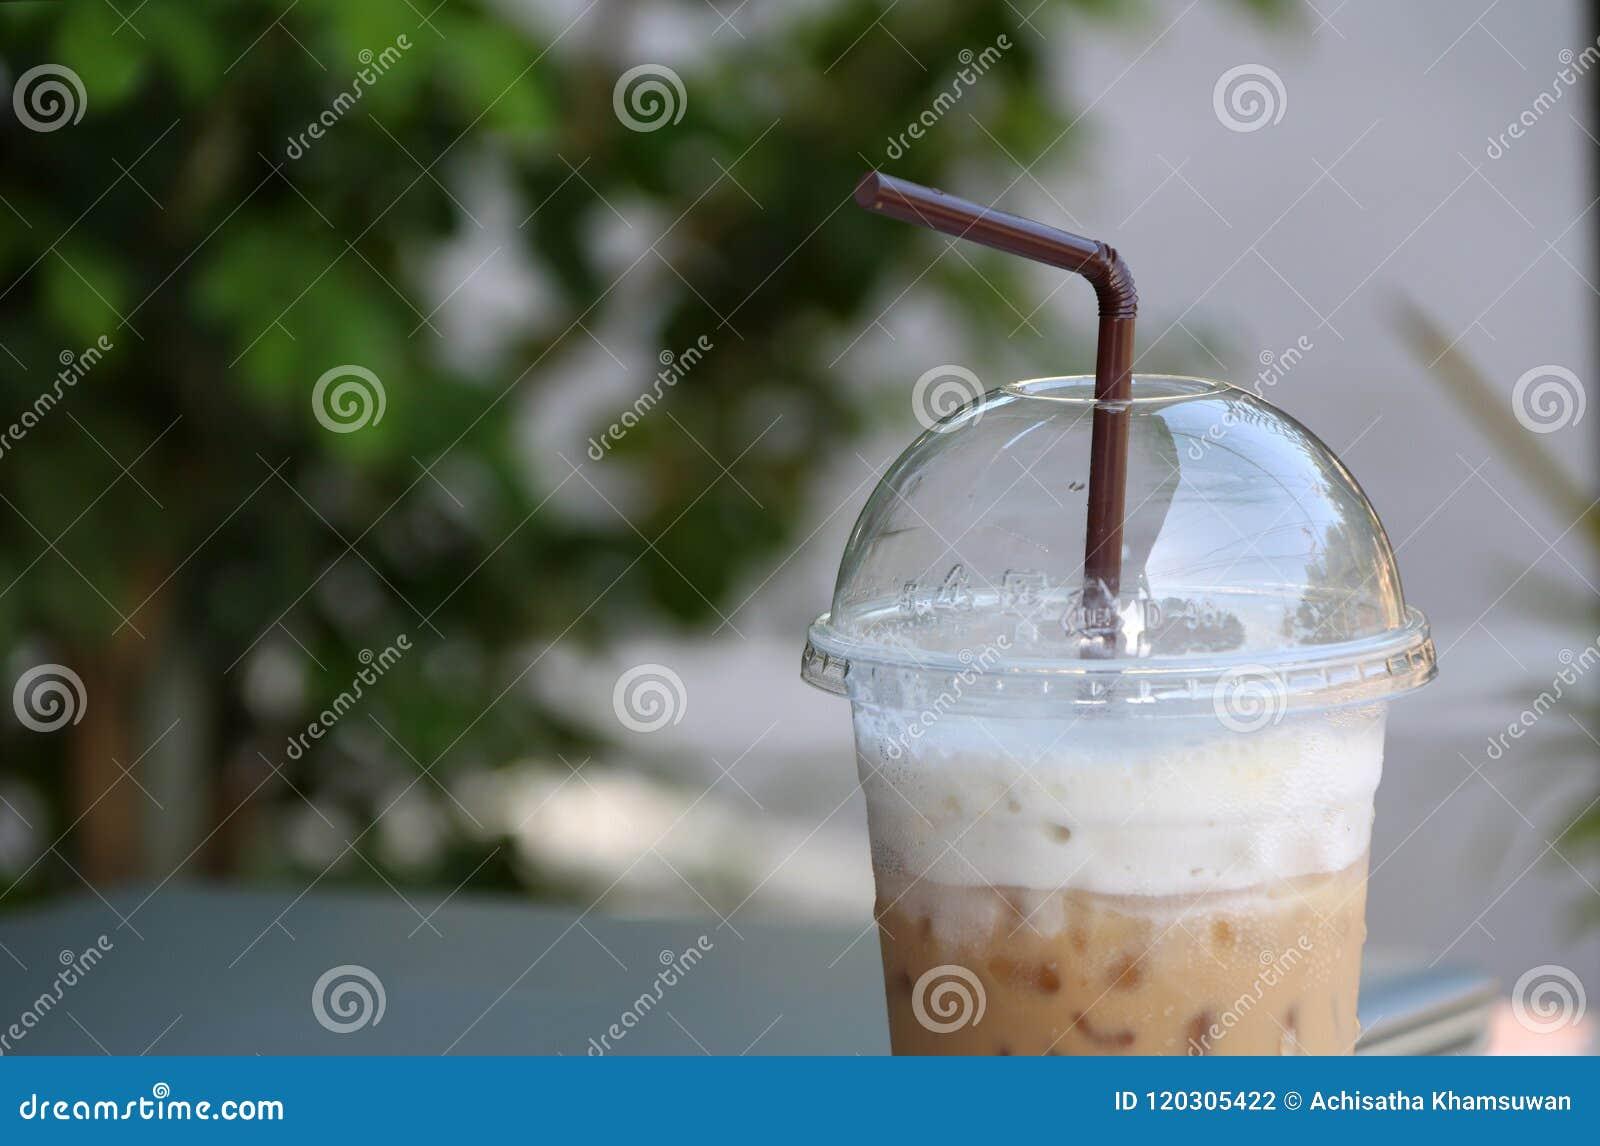 Feche acima do café de gelo no copo plástico com palha marrom e focalize para fora o caderno